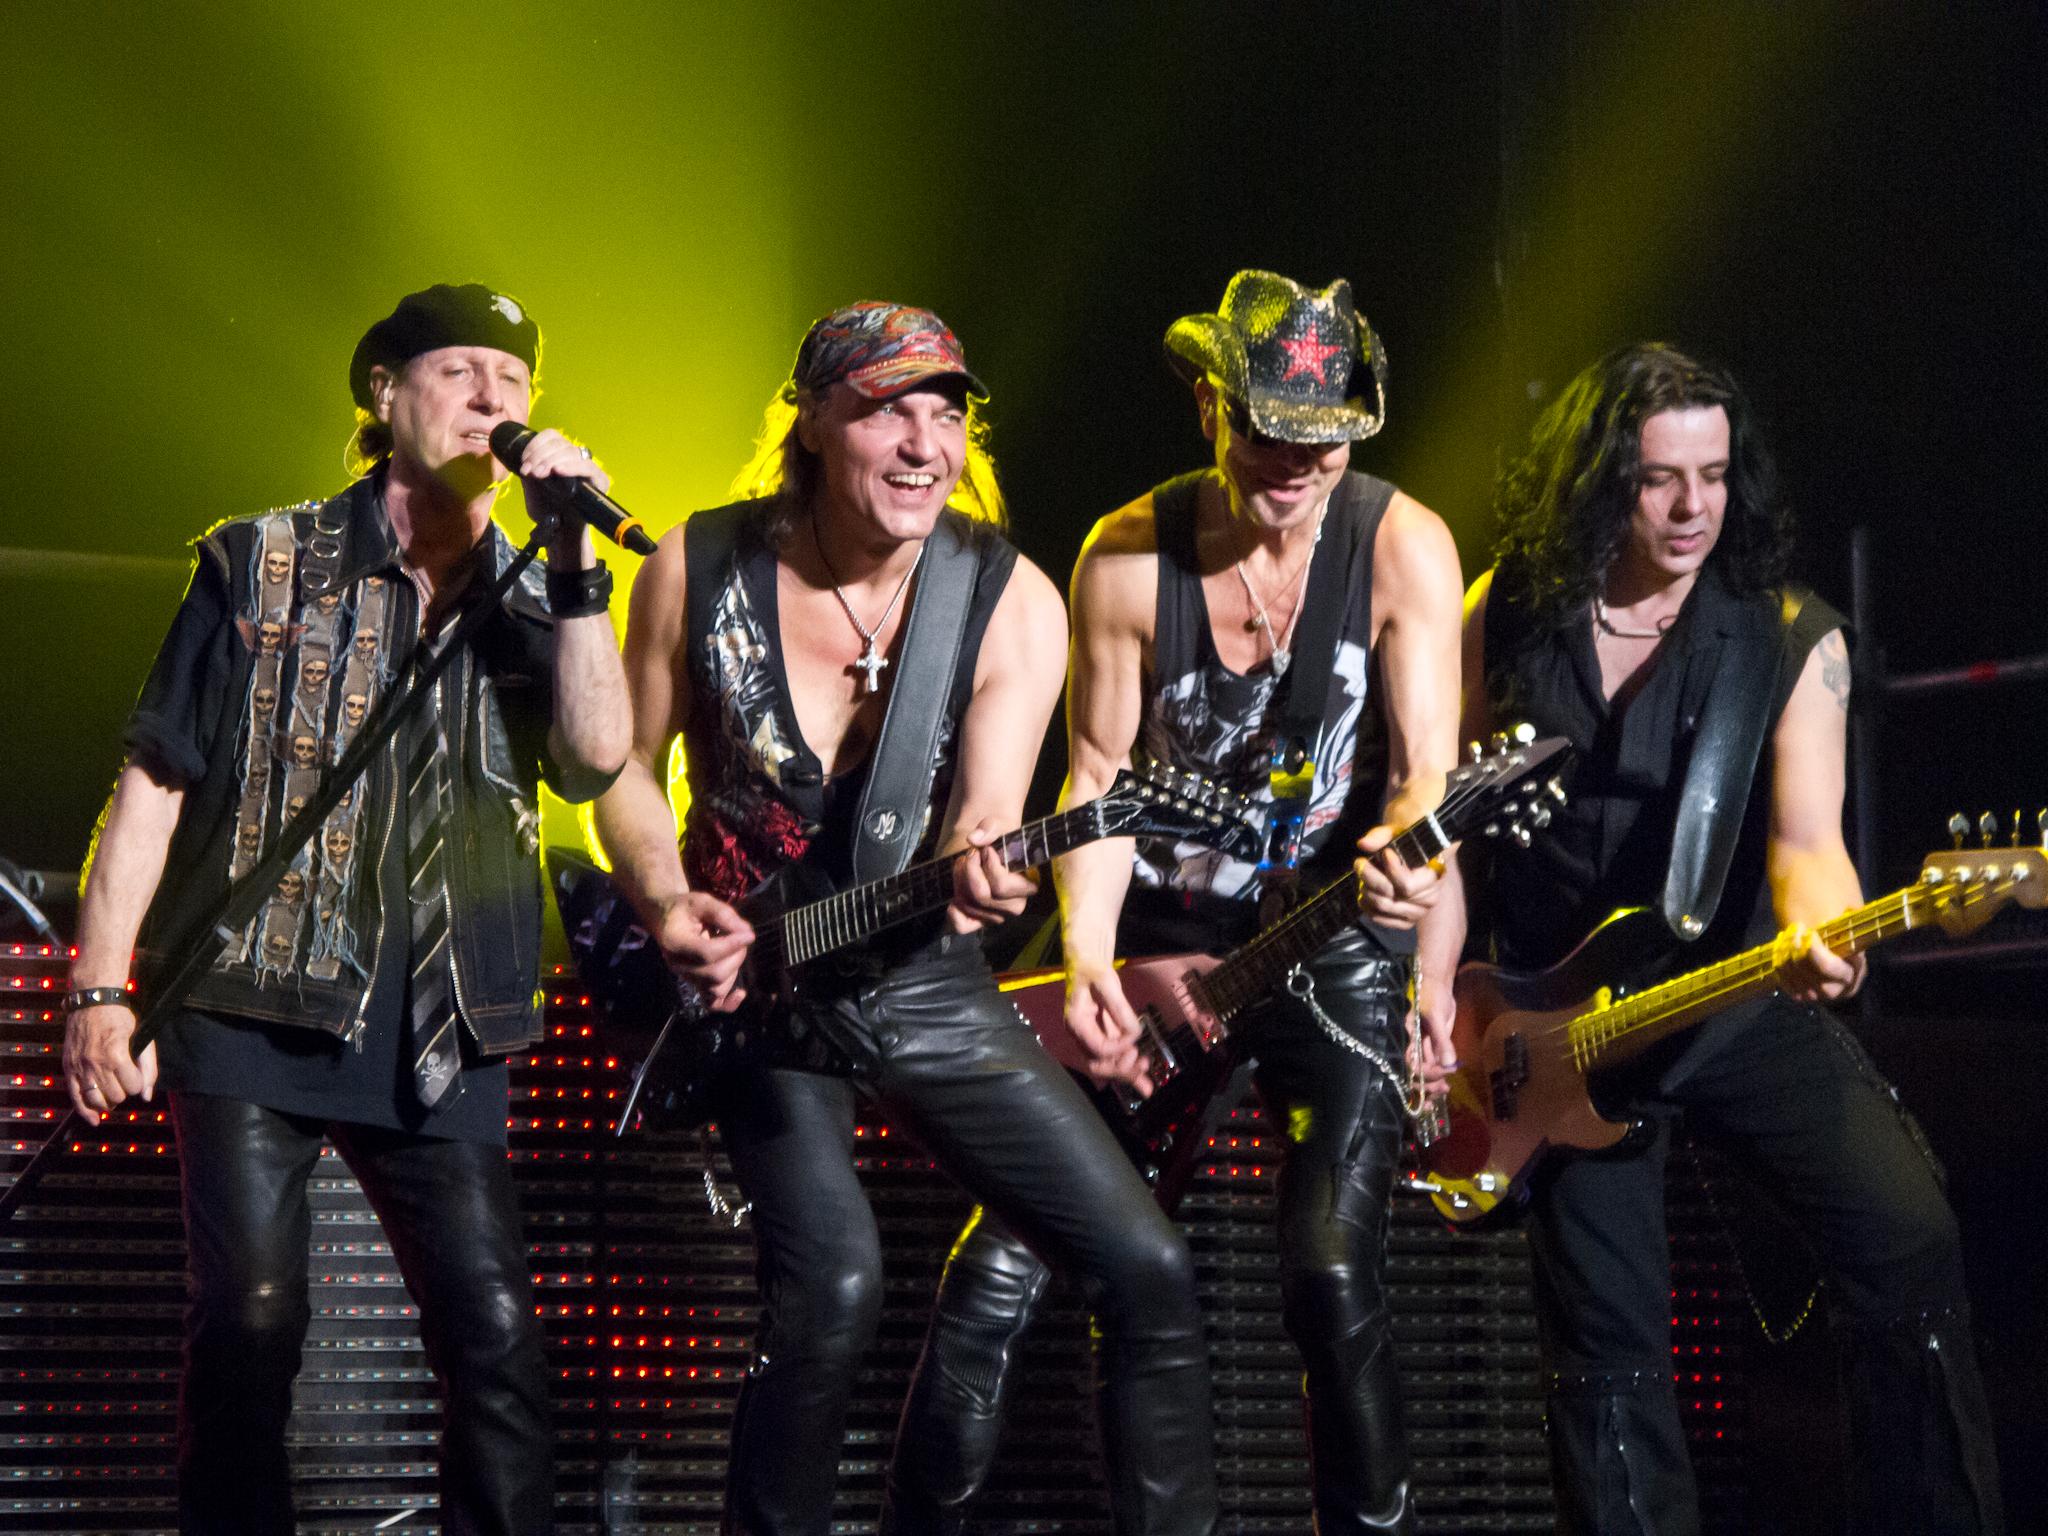 Невзирая на немалый гонорар, Scorpions отказались выступить набоксерском шоу вСевастополе